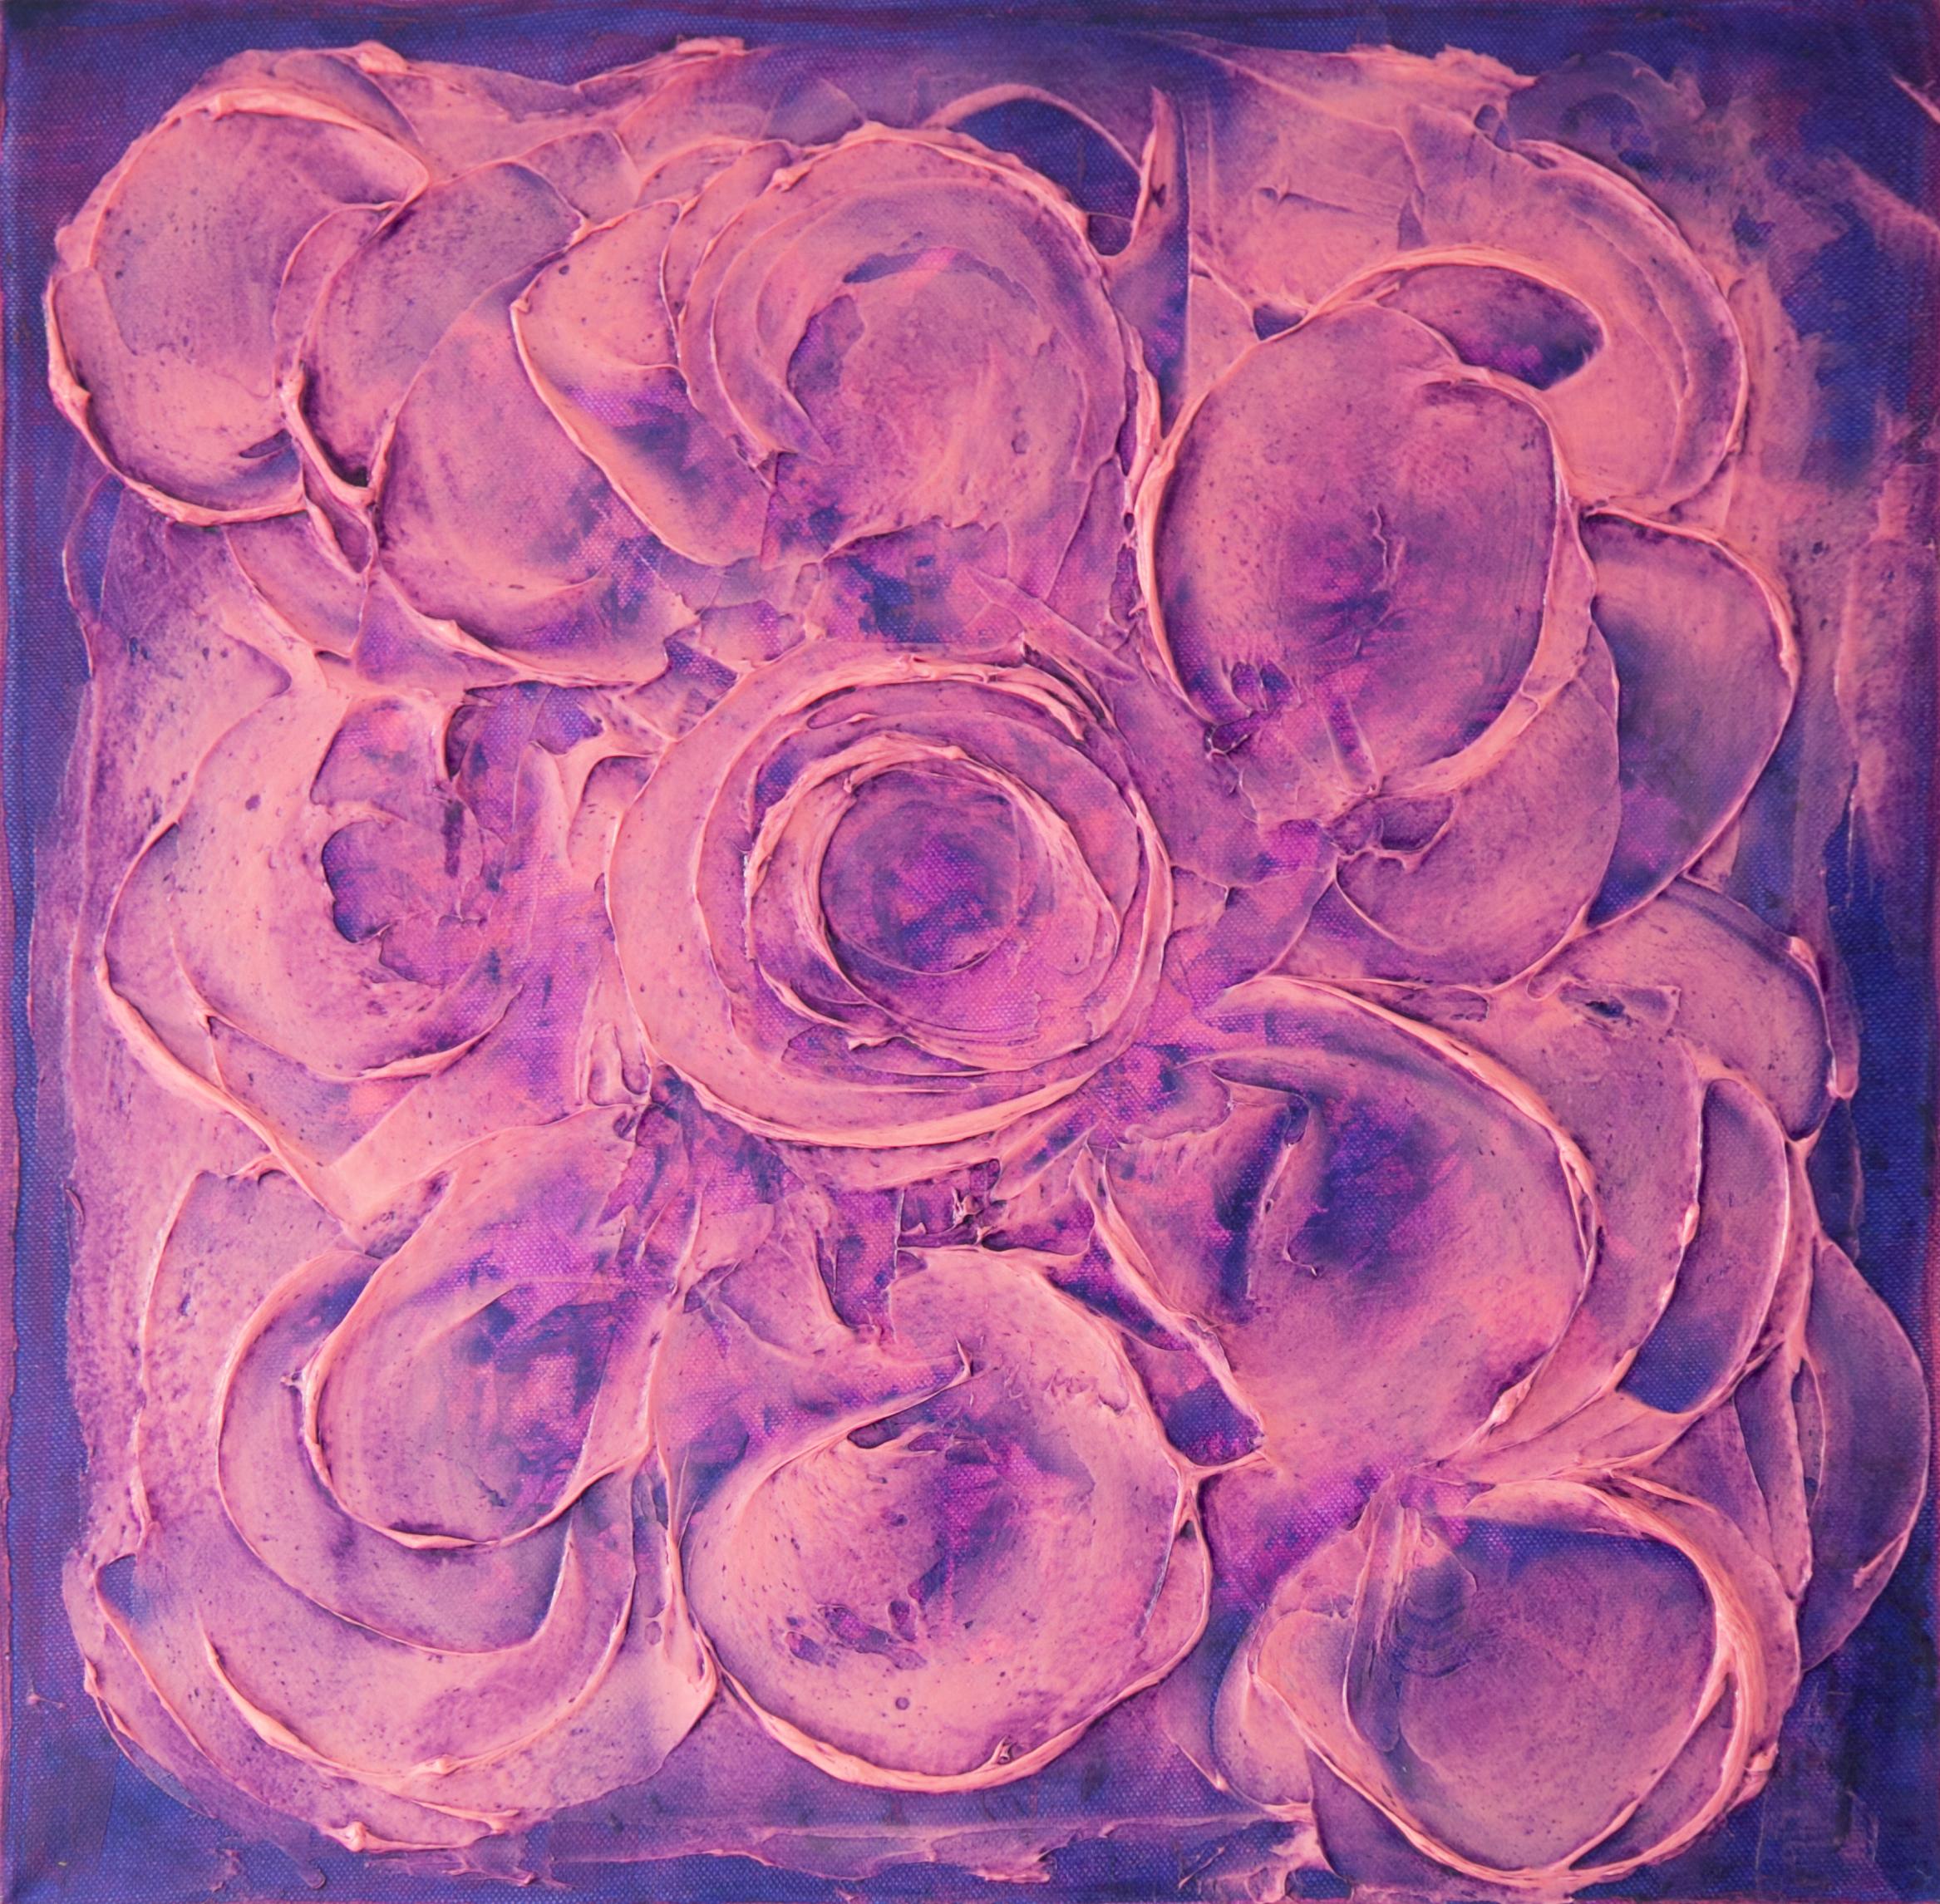 Stěna růží - Katarína Regešová - Nadčasové obrazy